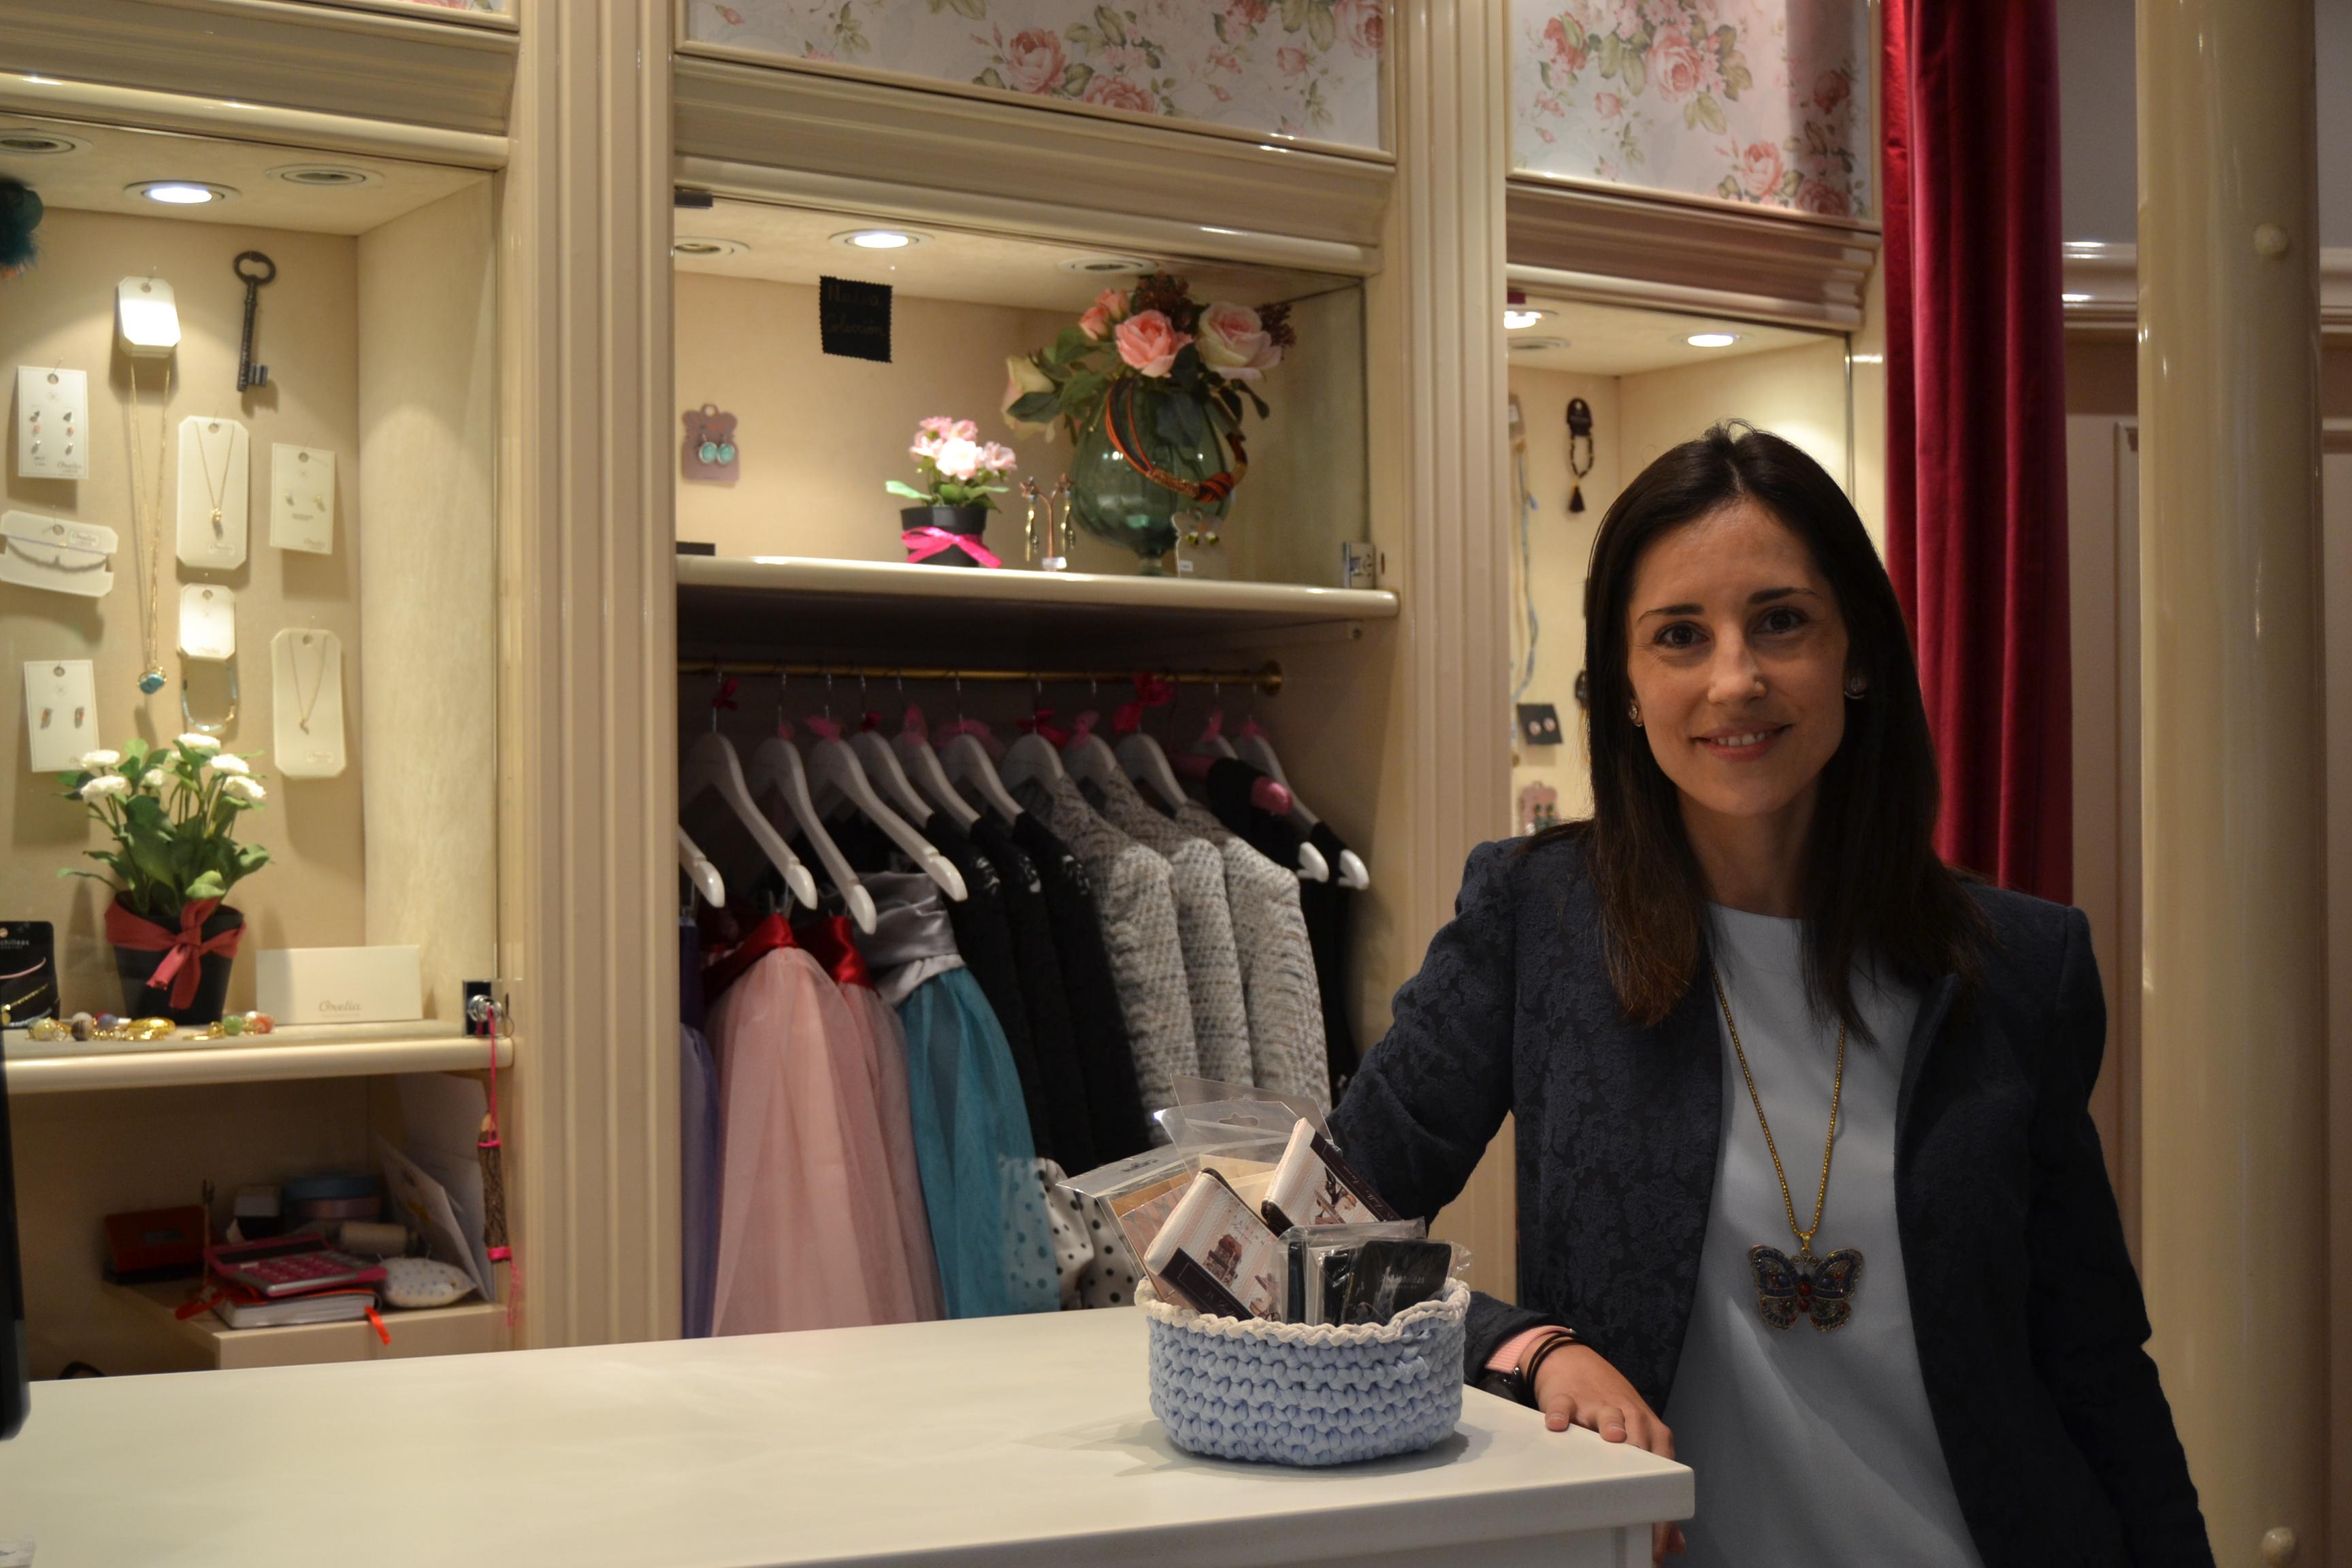 Plan De Negocio De Ropa Boutique Y Tienda De Moda